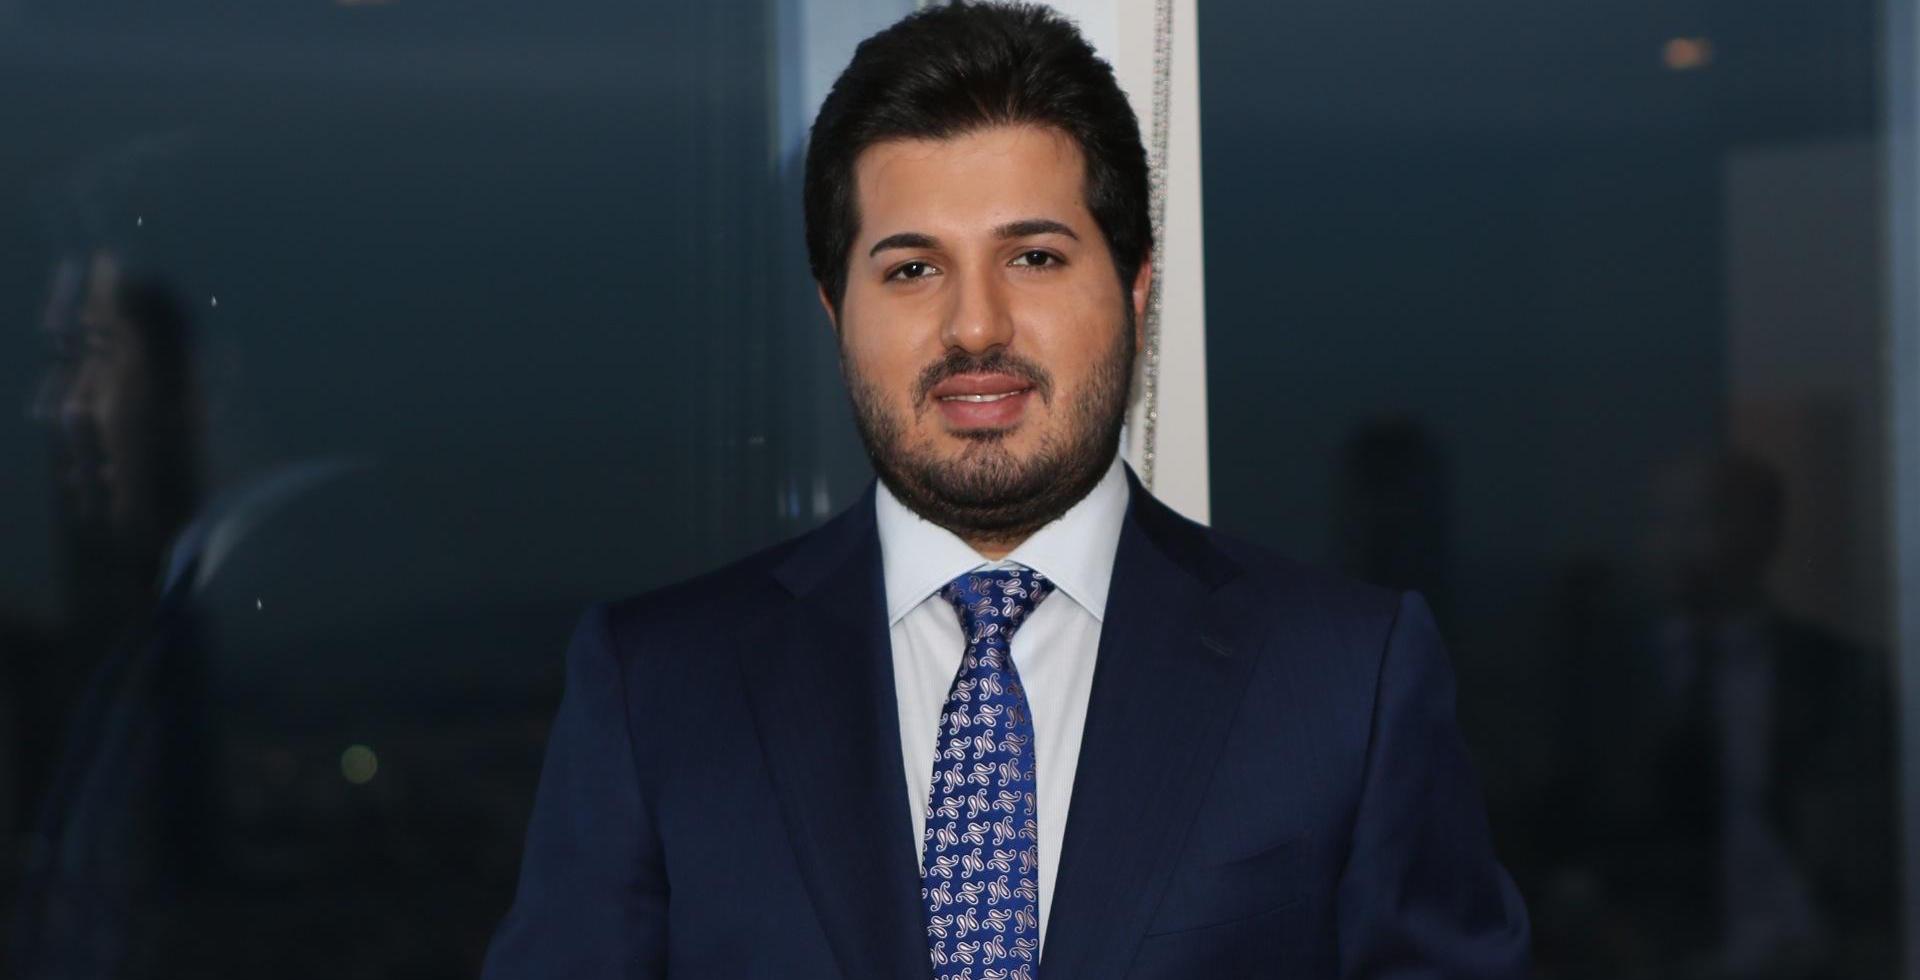 صدور حکم دستگیری رضا ضراب توسط دادگاهی در استانبول